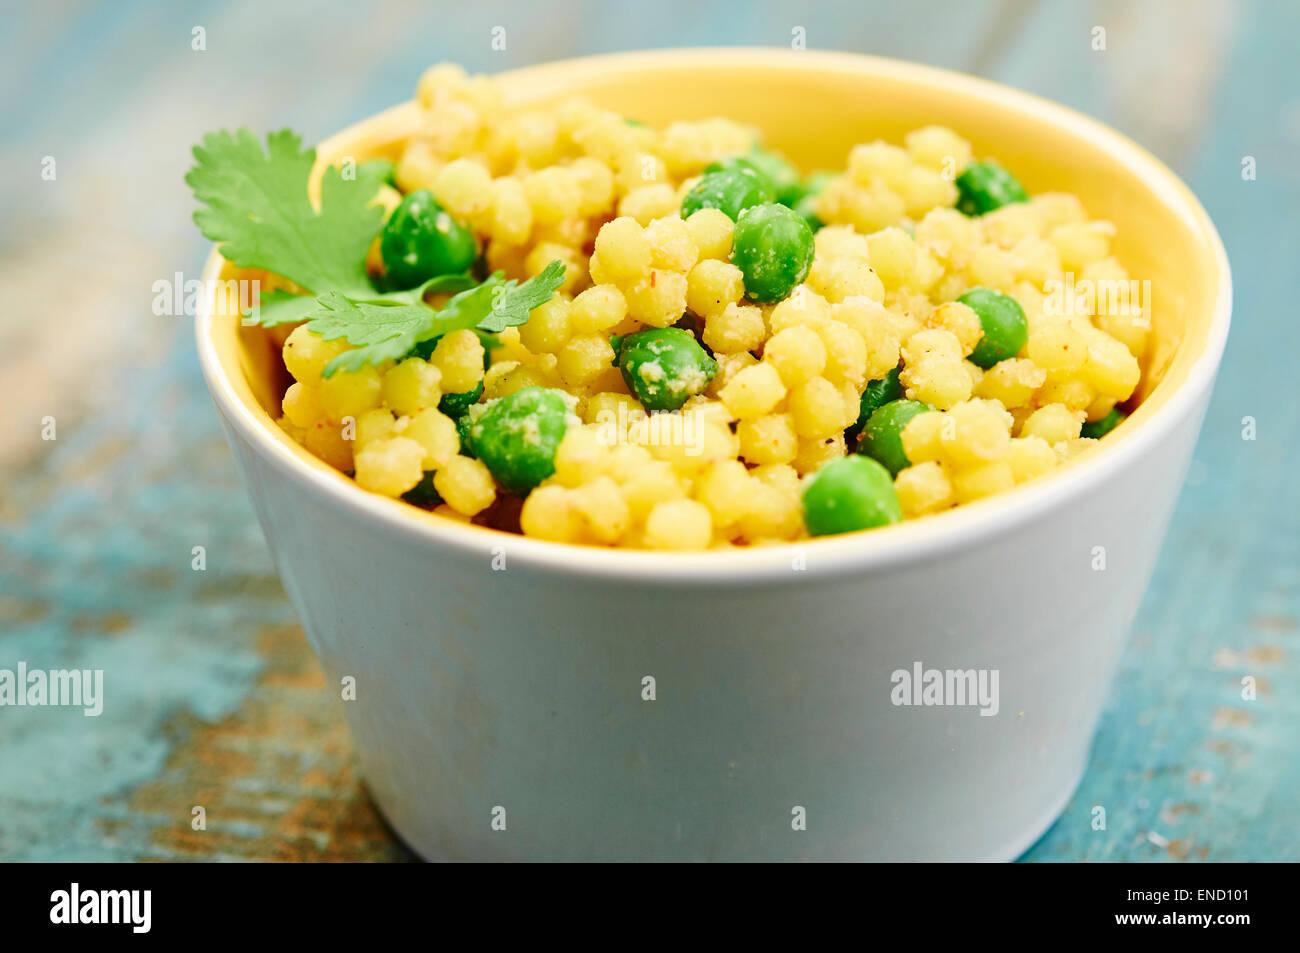 Milchfreien kitschig Salat mit großen runden Couscous und Erbsen. Stockfoto